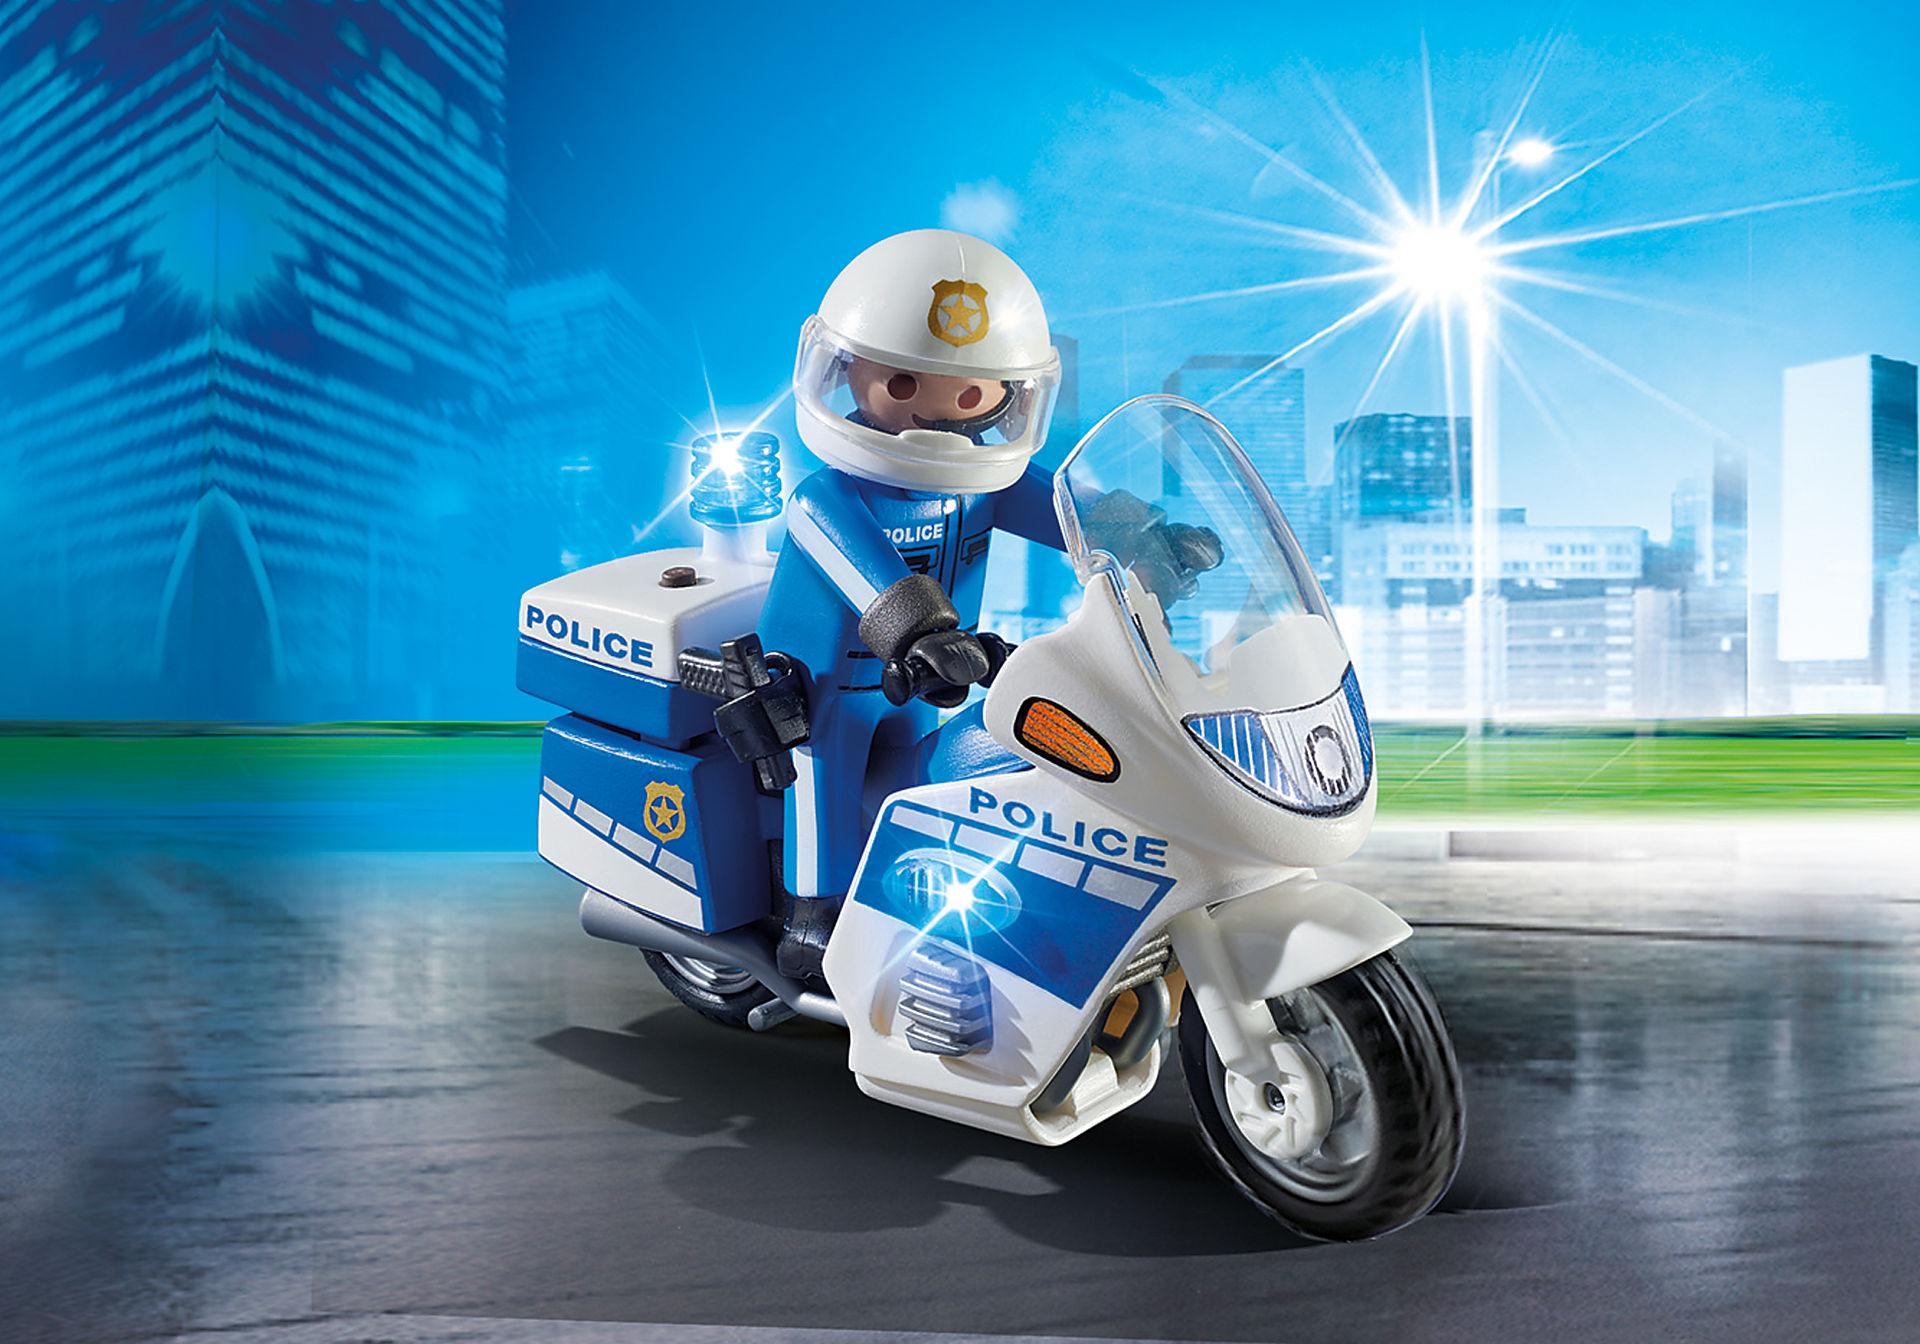 6923 Motor policyjny ze światłem LED zoom image1